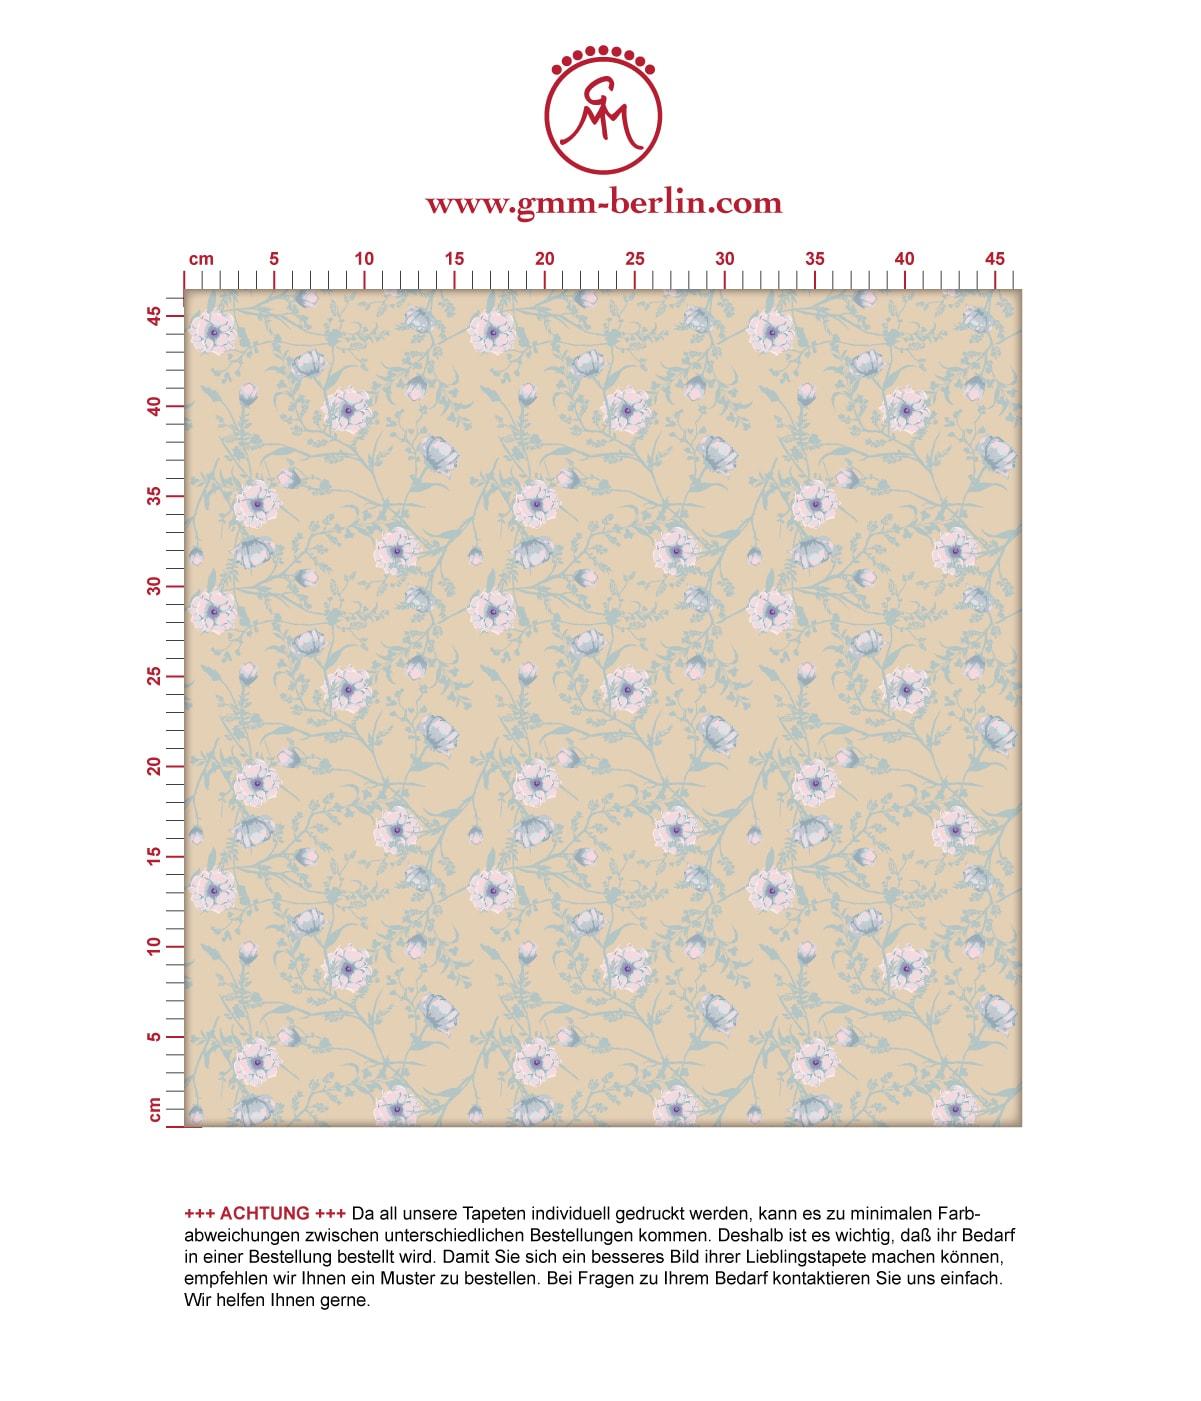 Zarte Blumentapete Printemps mit Ranken in mint blau - Nostalgietapete für Schlafzimmer. Aus dem GMM-BERLIN.com Sortiment: Schöne Tapeten in creme Farbe